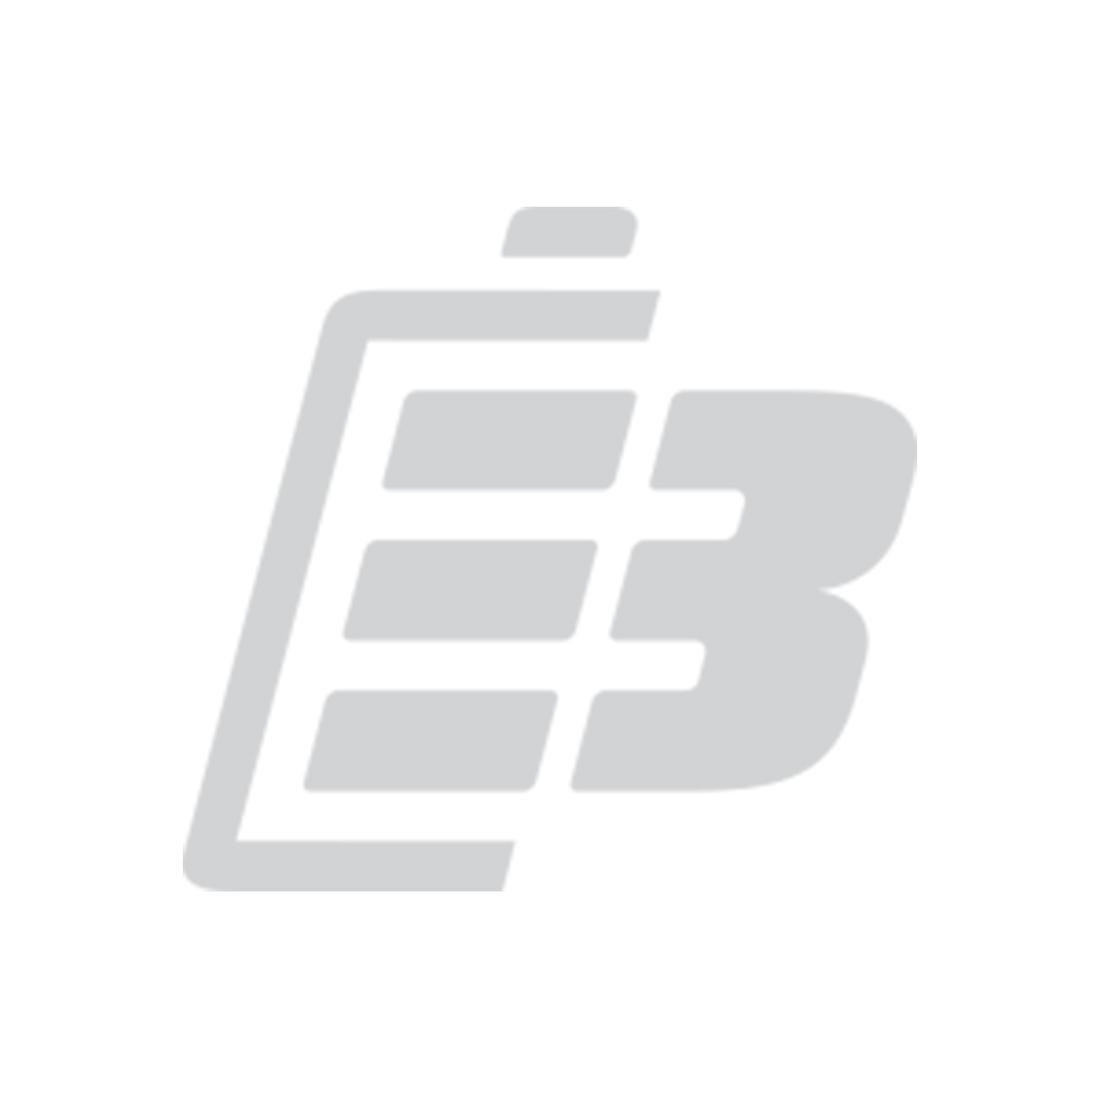 Μπαταρια Μολυβδου CSB EVX12260 12v 26ah 1